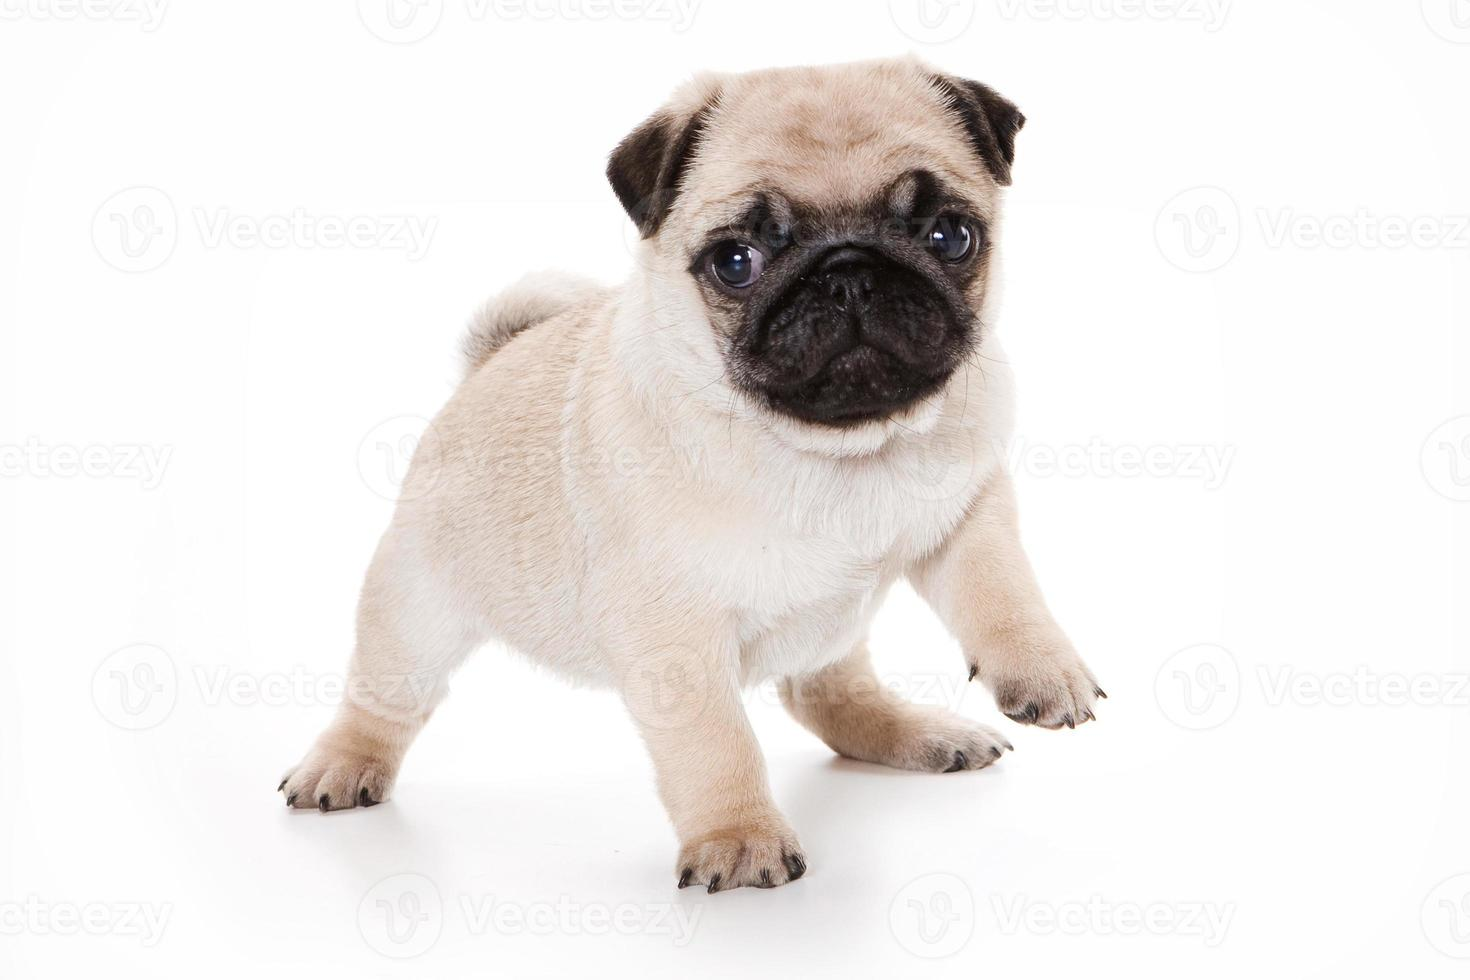 grappige pug puppy kijken naar de camera (geïsoleerd op wit) foto